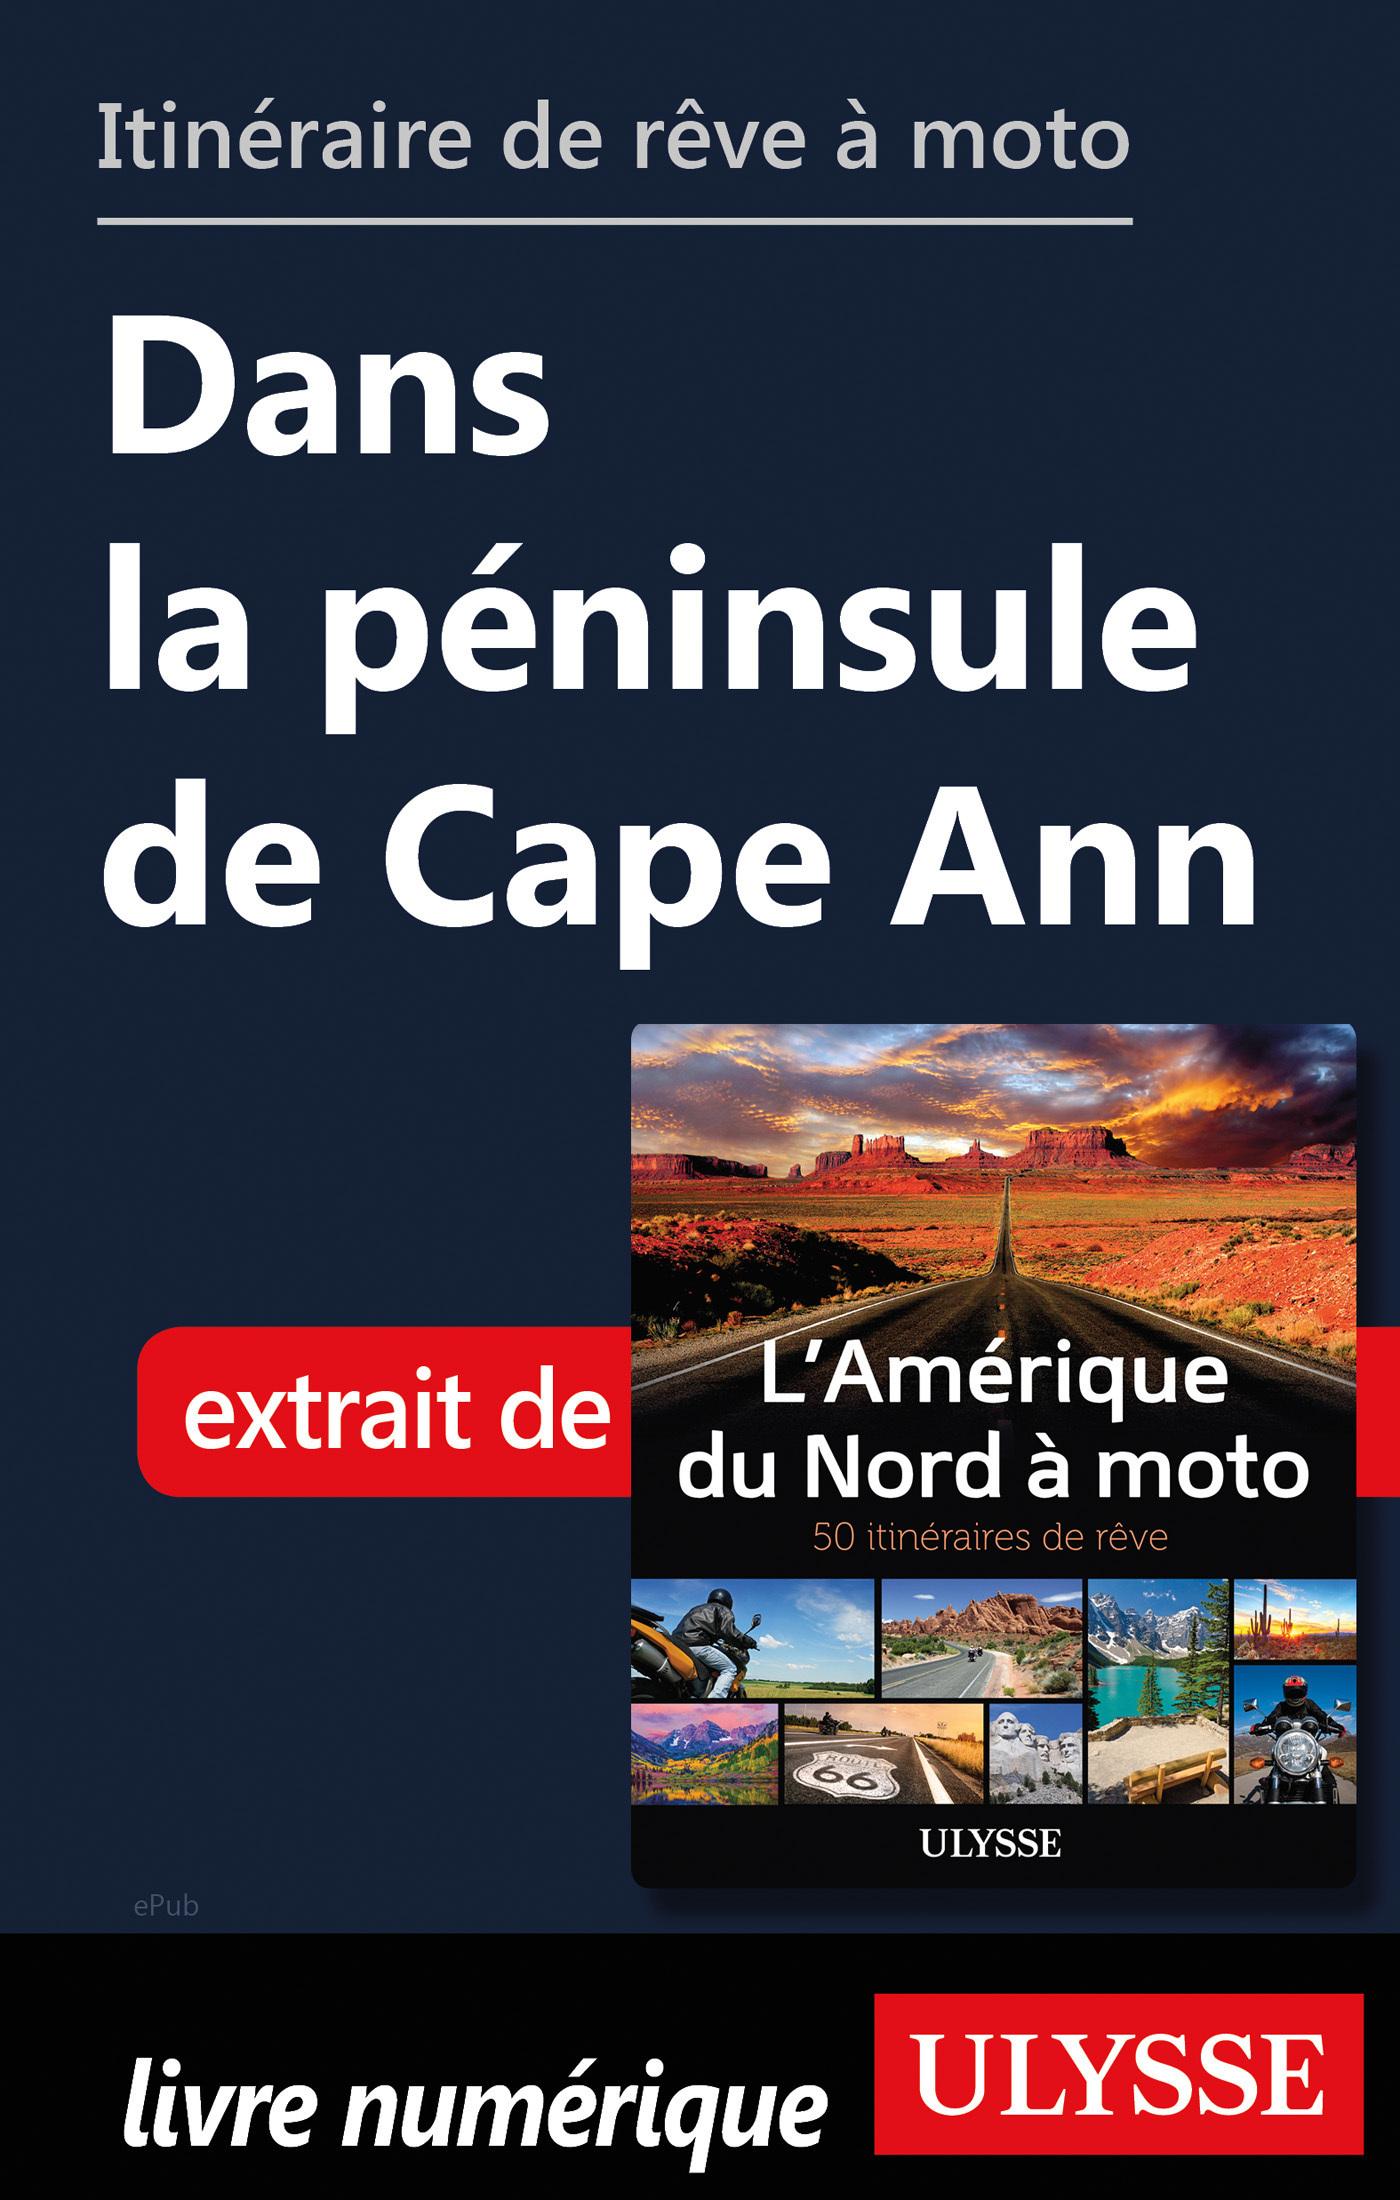 Itinéraire de rêve à moto - Dans la péninsule de Cape Ann